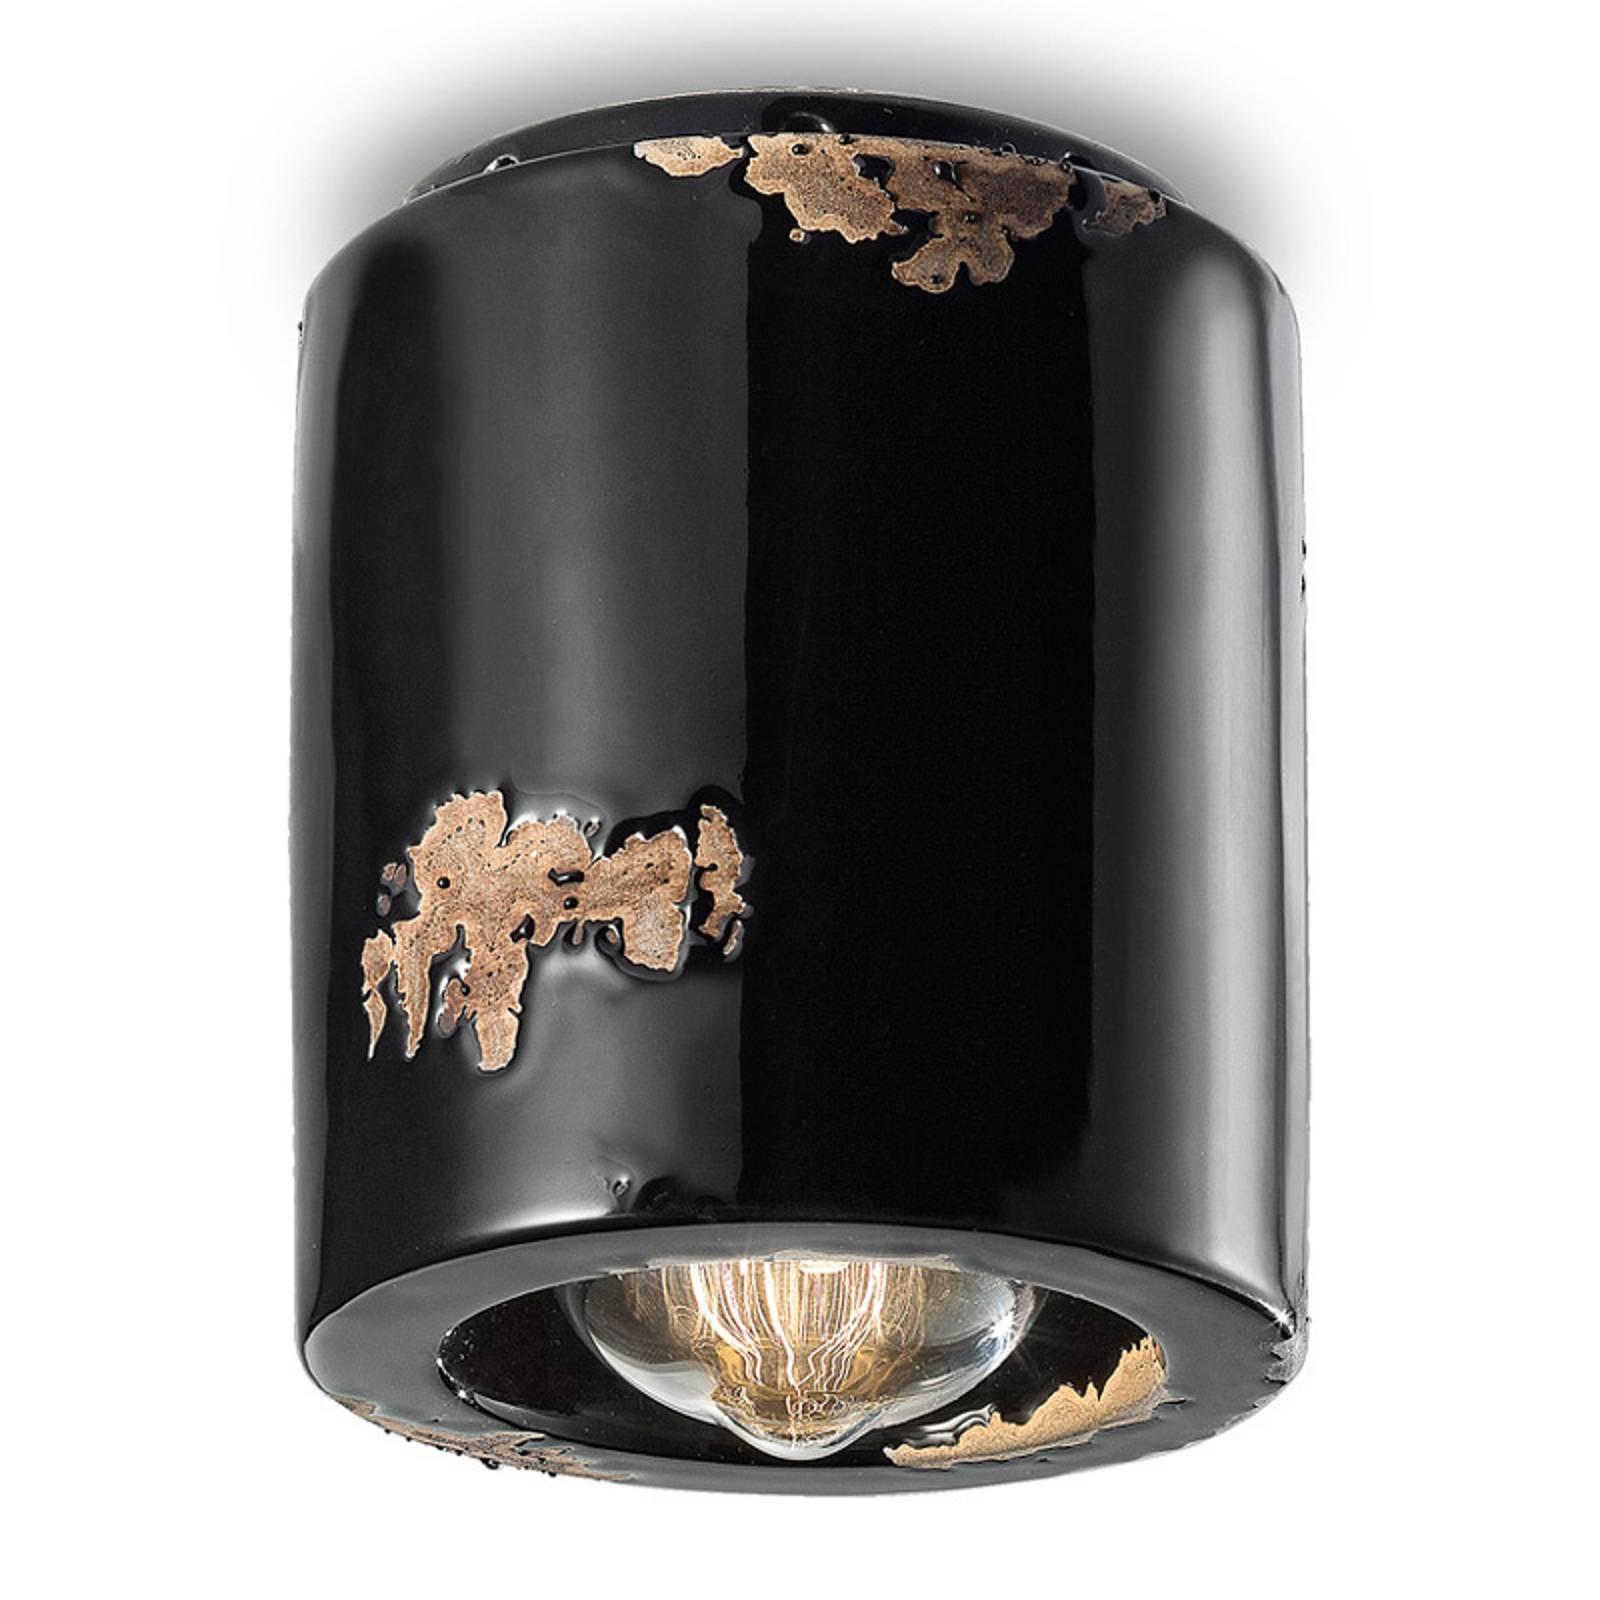 Lampa sufitowa C986 w stylu vintage, czarna